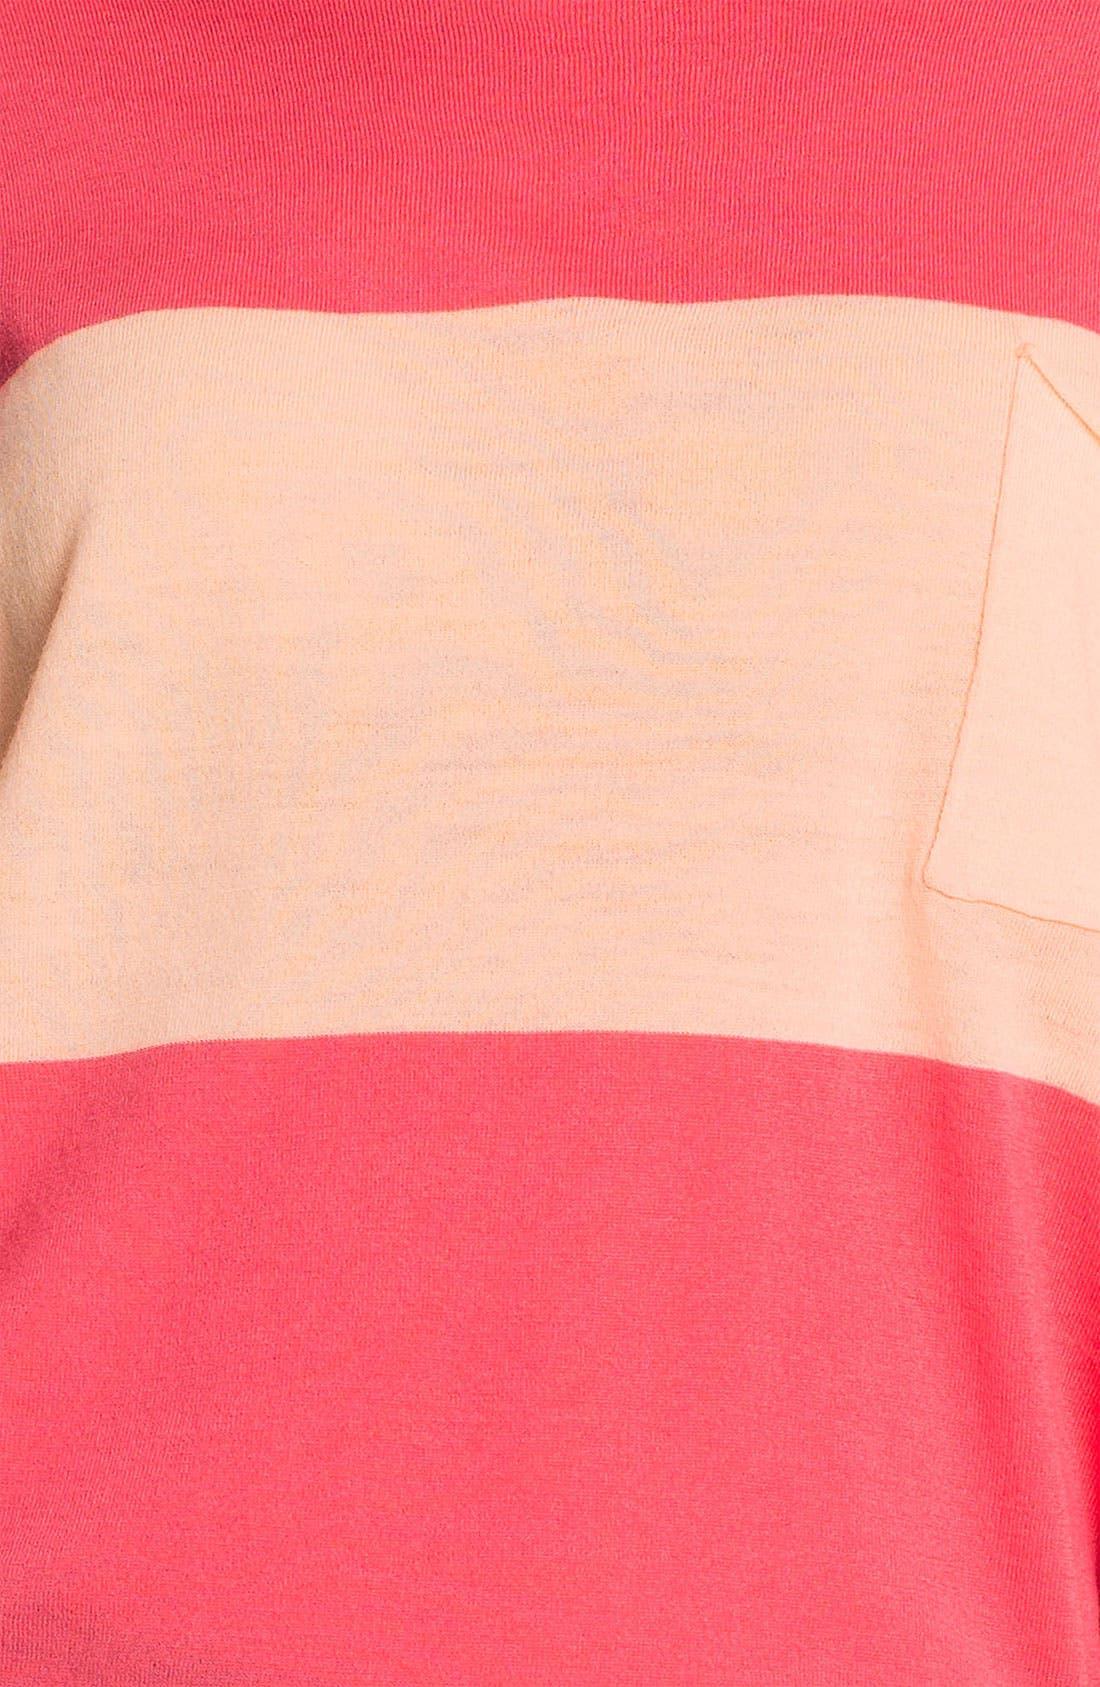 Alternate Image 3  - Theory 'Tollie S.' Merino Wool Sweater